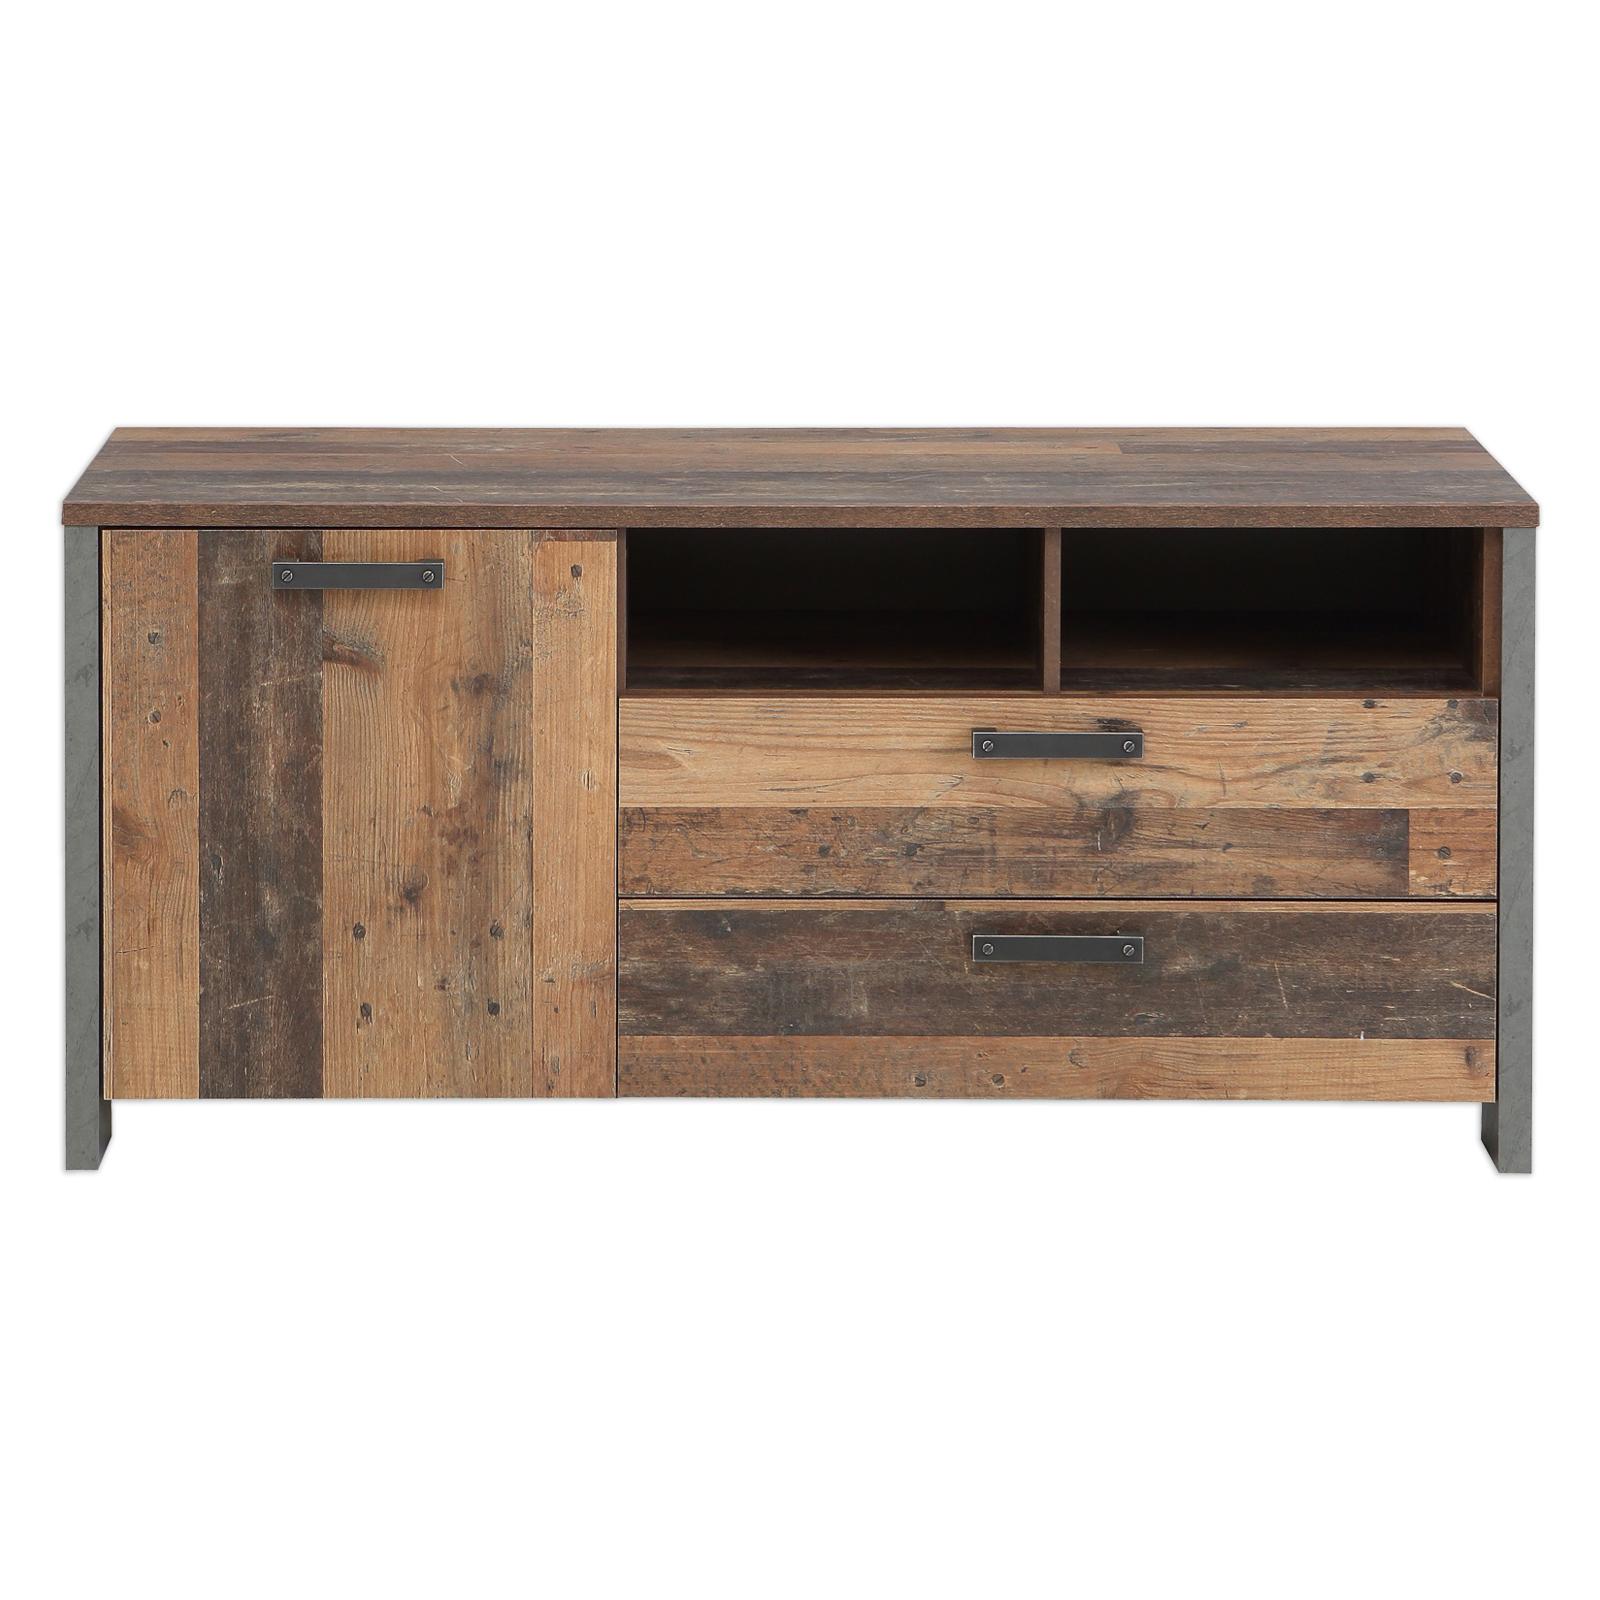 Wohnwand Set - Old Wood Vintage - 4-teilig